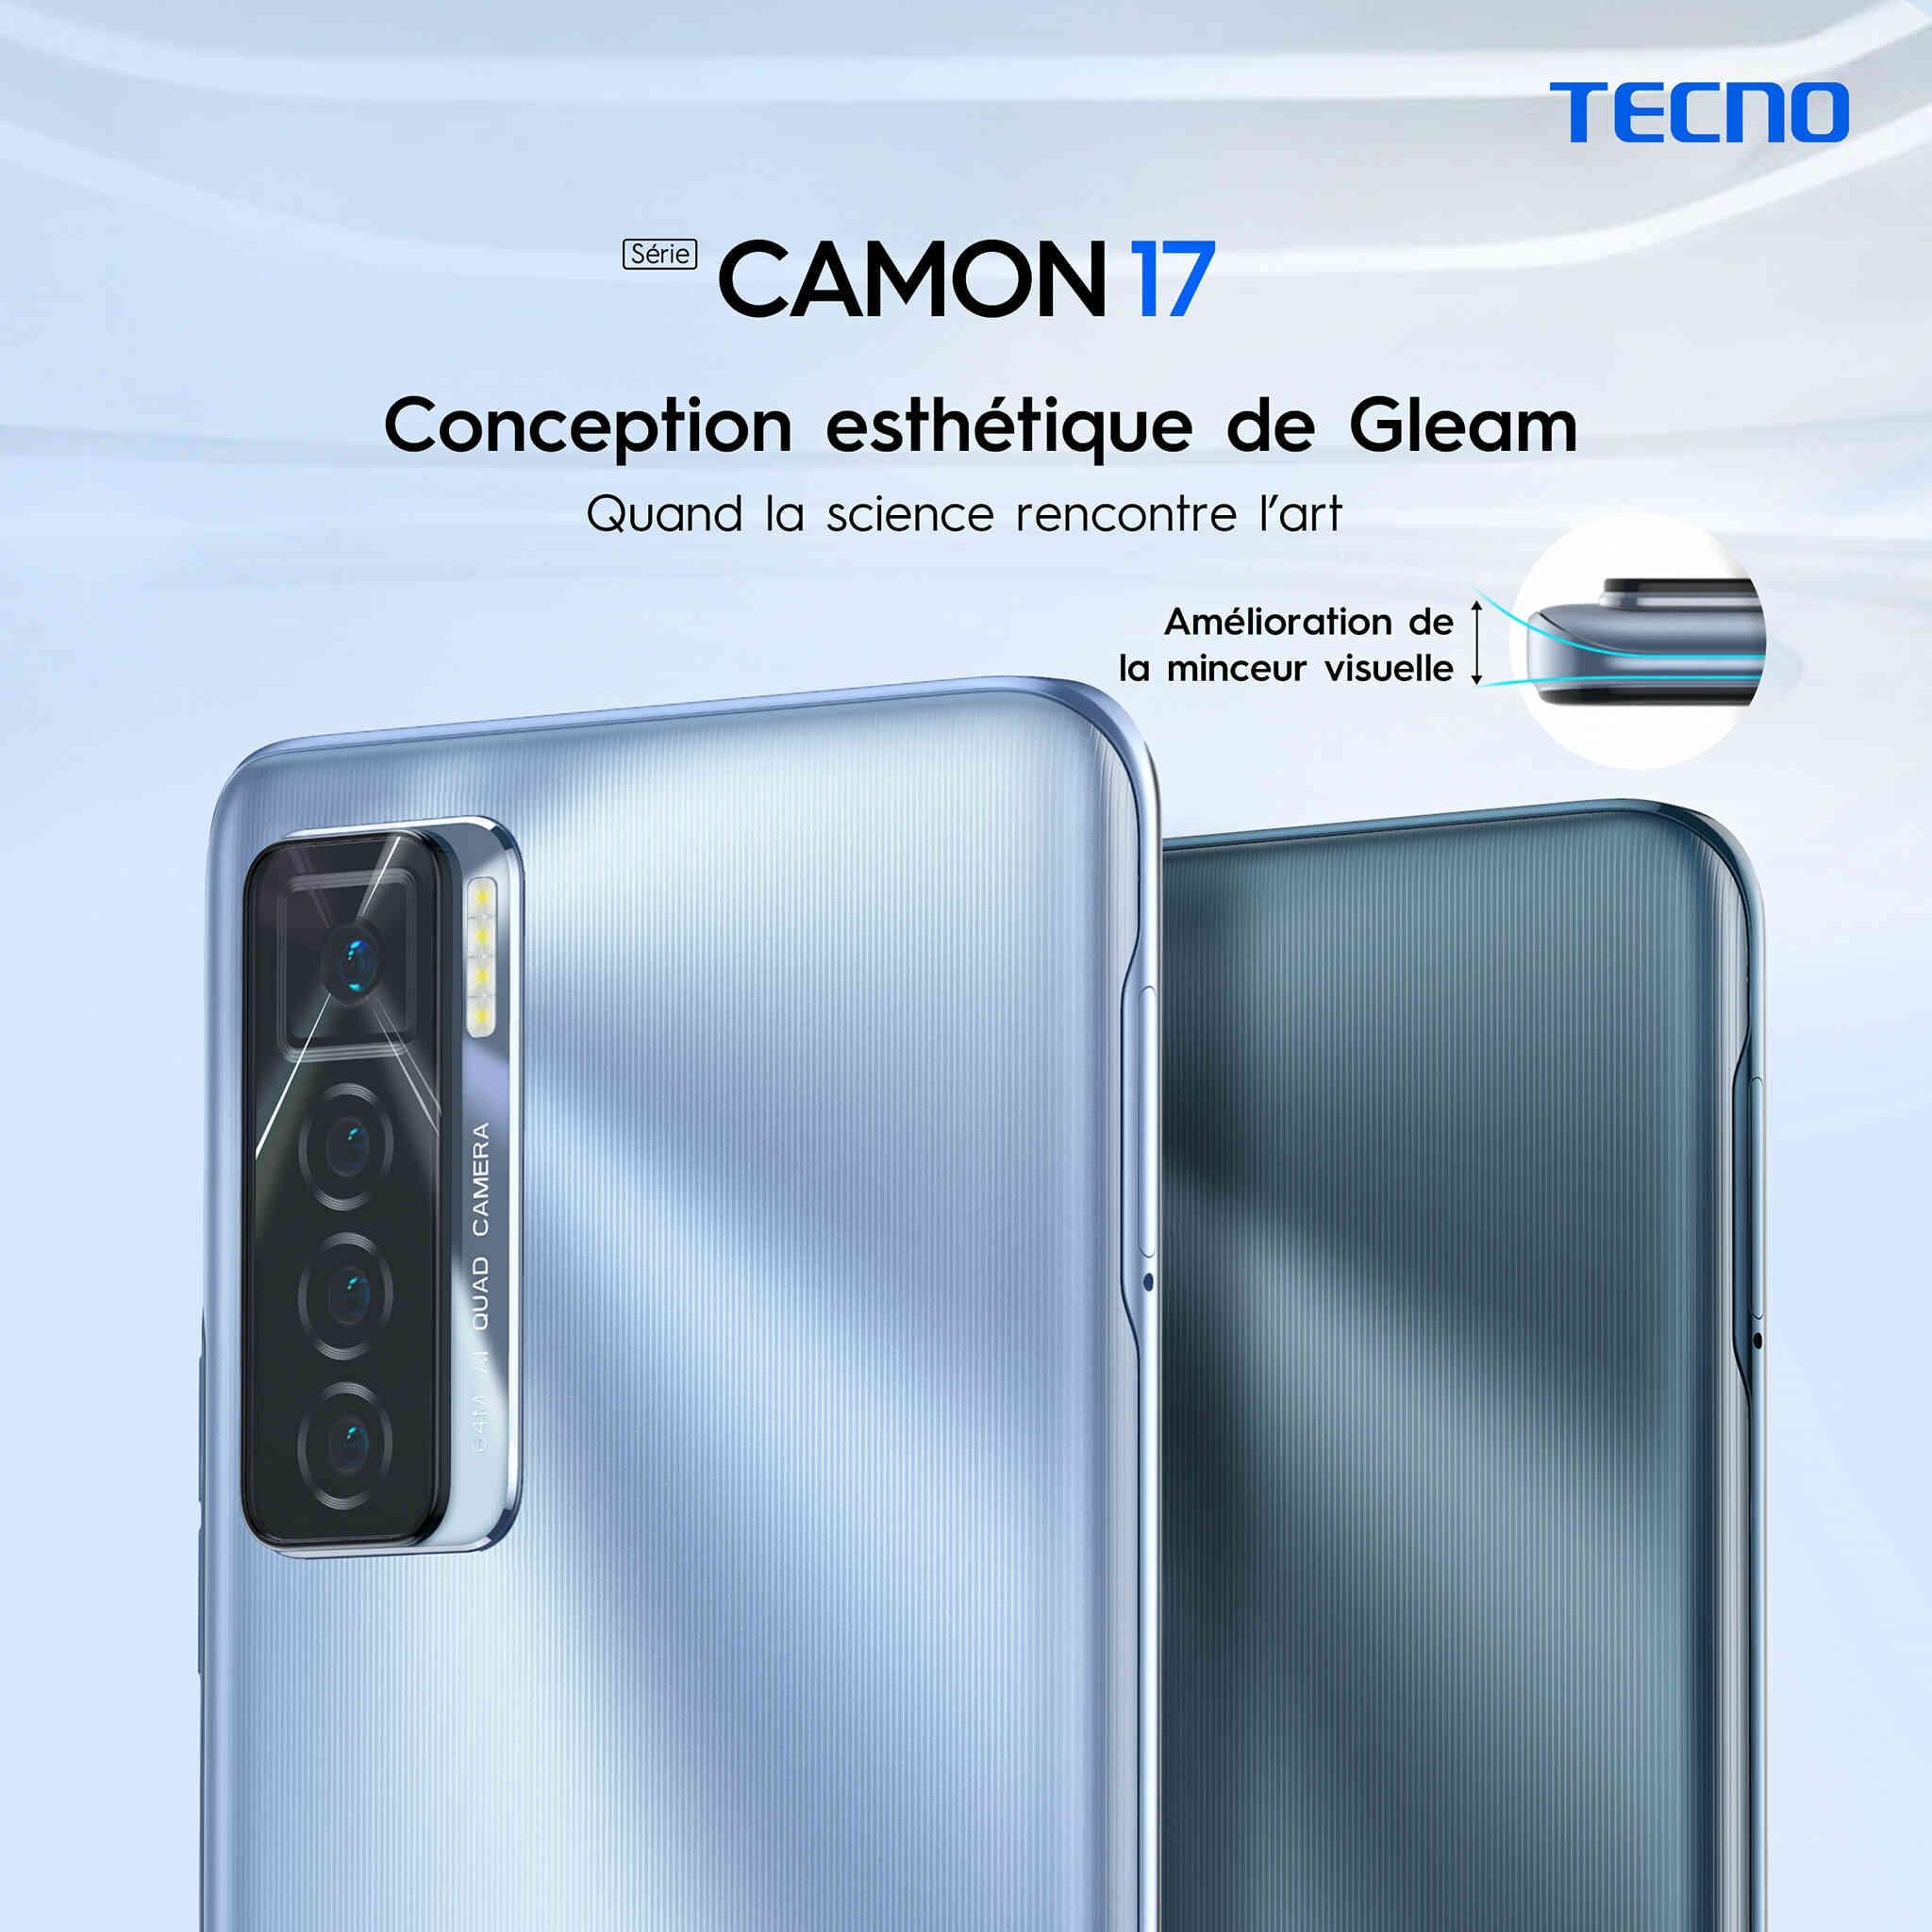 Tecno Mobile : Grand lancement du Camon 17, Un téléphone fait pour vous  démarquer avec une incroyable CAMERA AVANT de 48 MP - Life Magazine